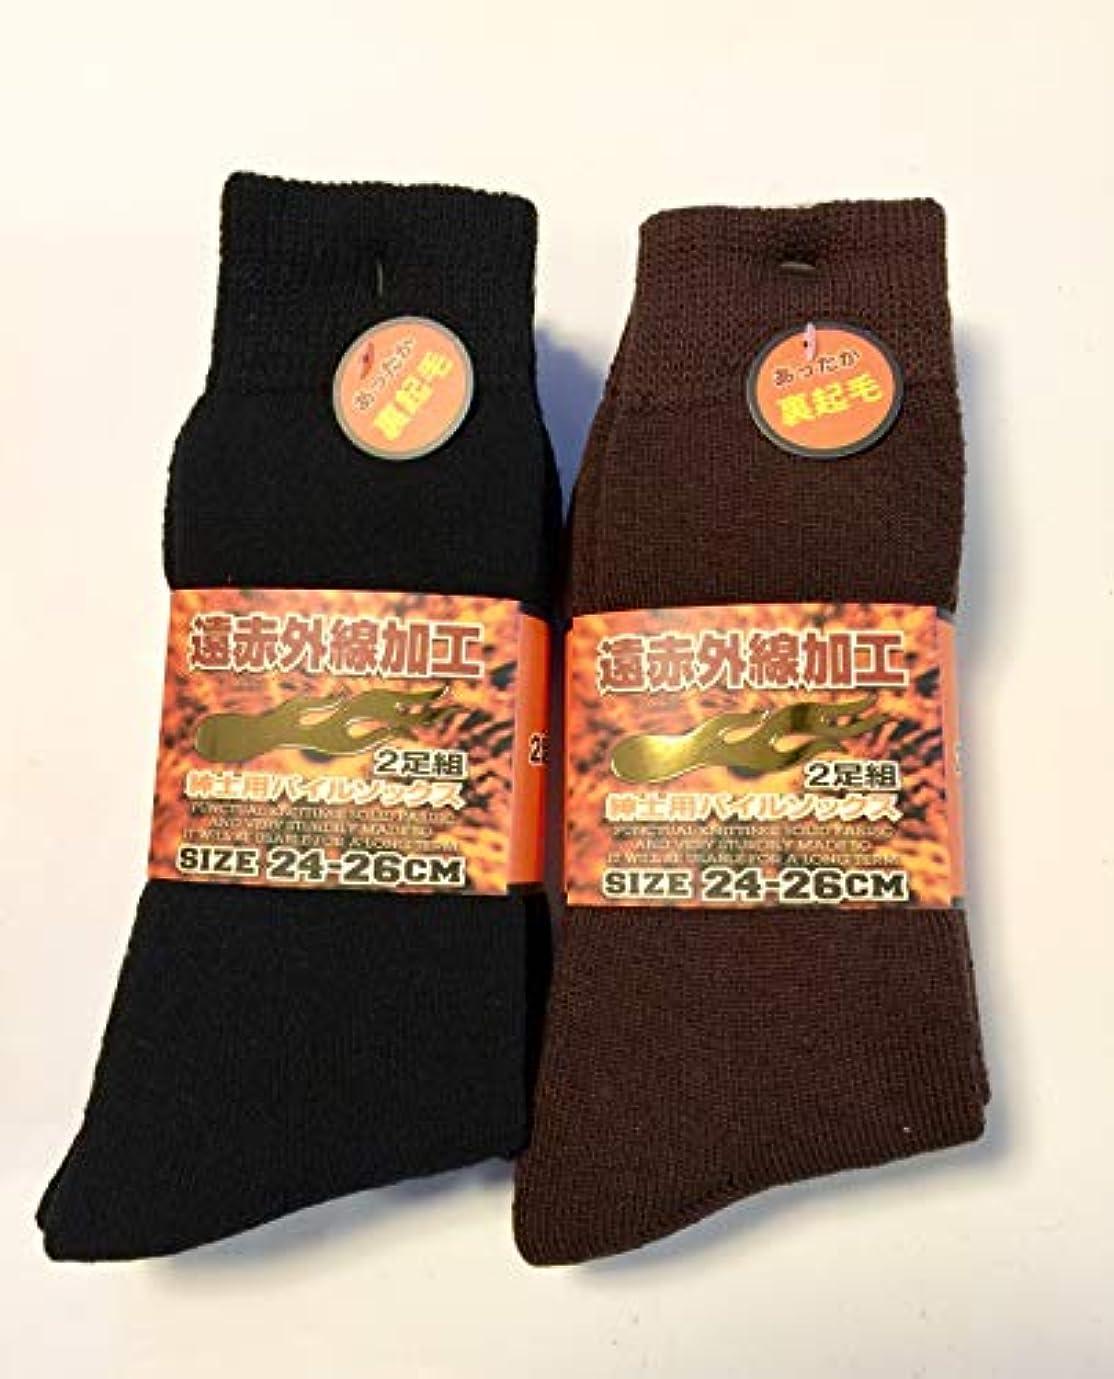 宗教フィクション支援靴下 メンズ あったか 裏起毛パイルソックス 保温力抜群 遠赤外線加工 24-26cm 4足組 (色はお任せ)